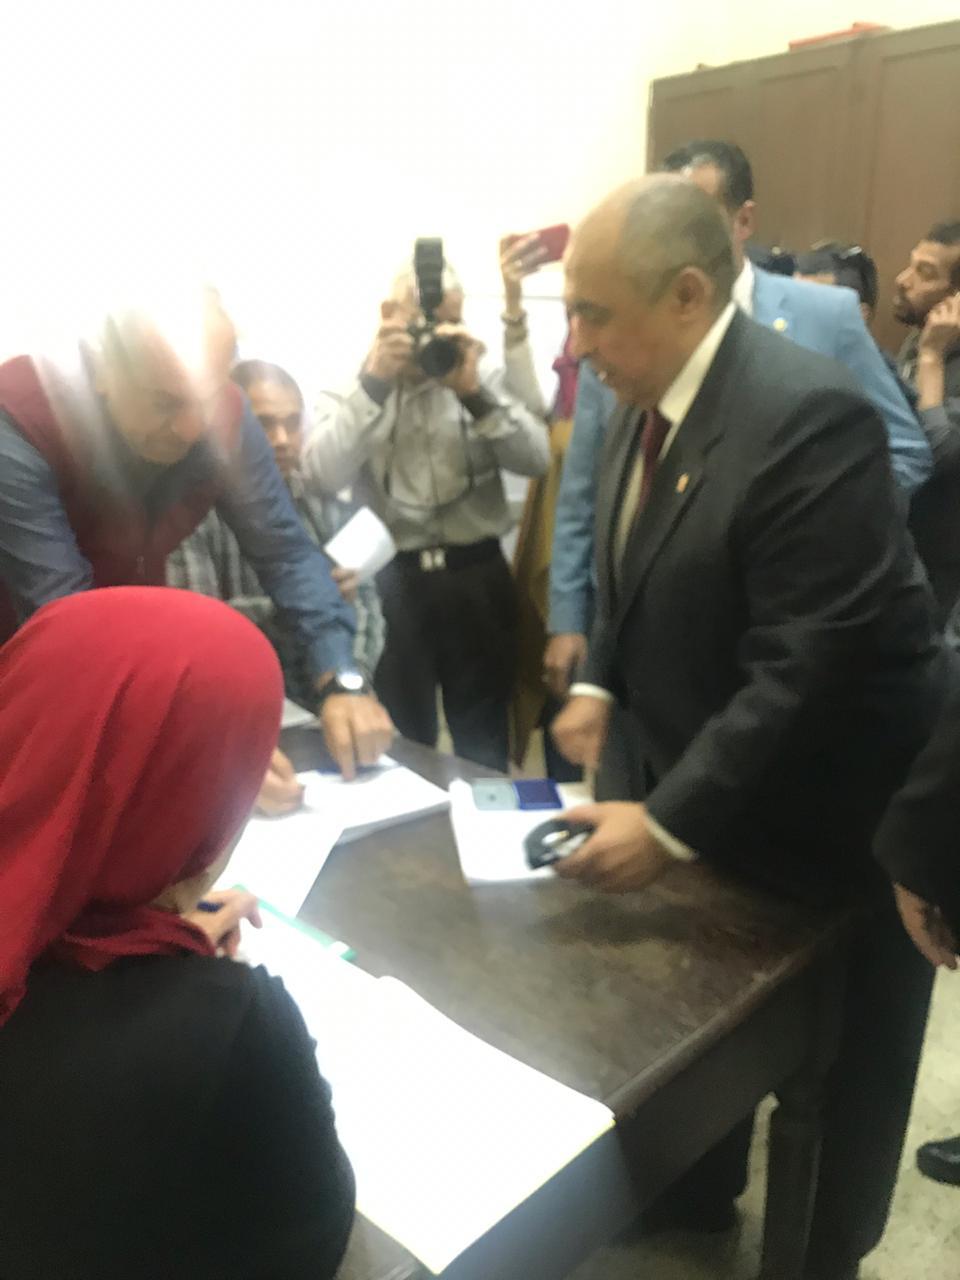 وزير الزراعة يدلى بصوته فى الاستفتاء (2)